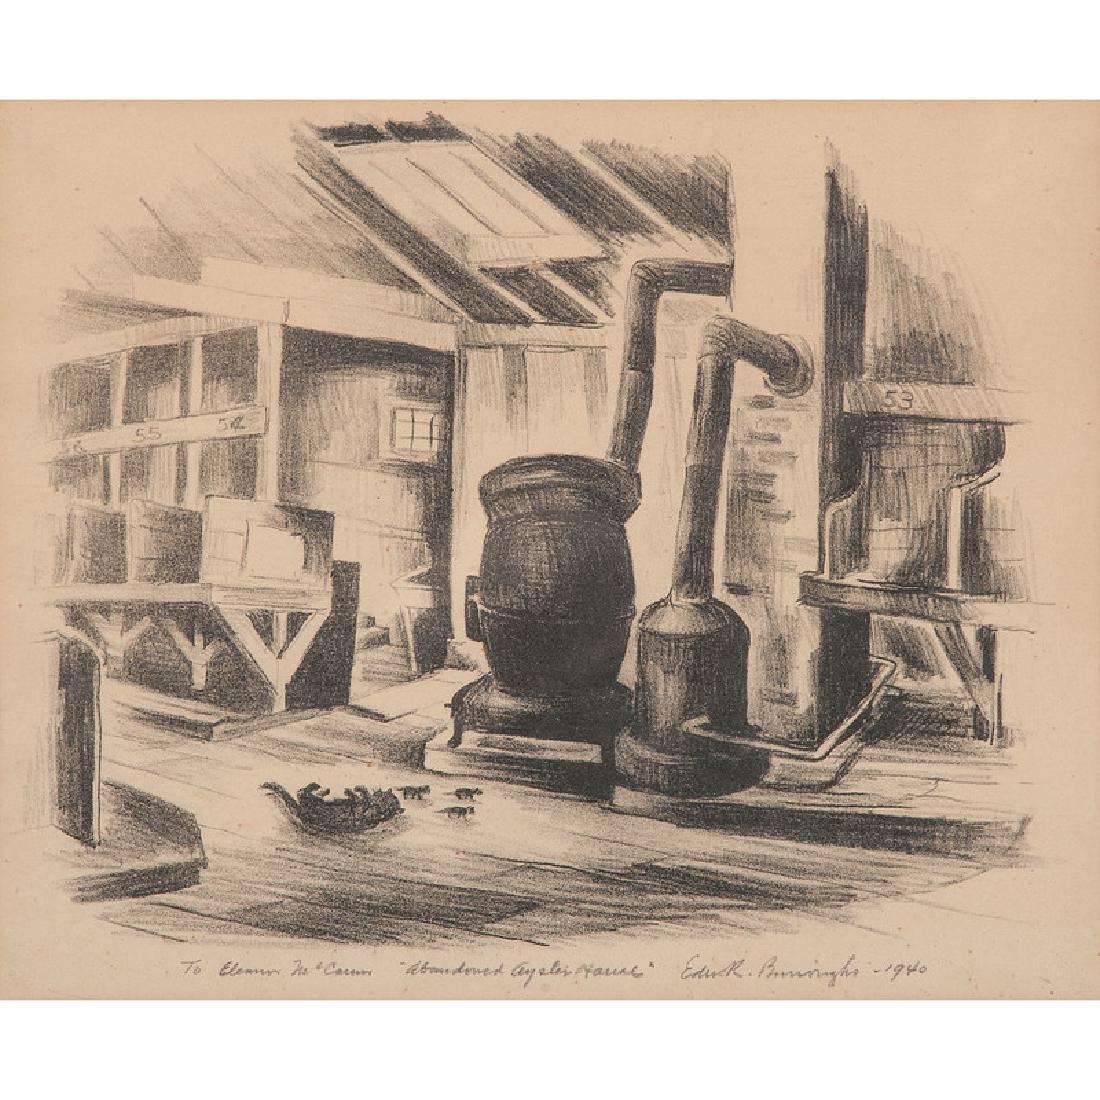 Edward R. Burroughs (Dayton, Ohio, 1922-1983), Woodcut